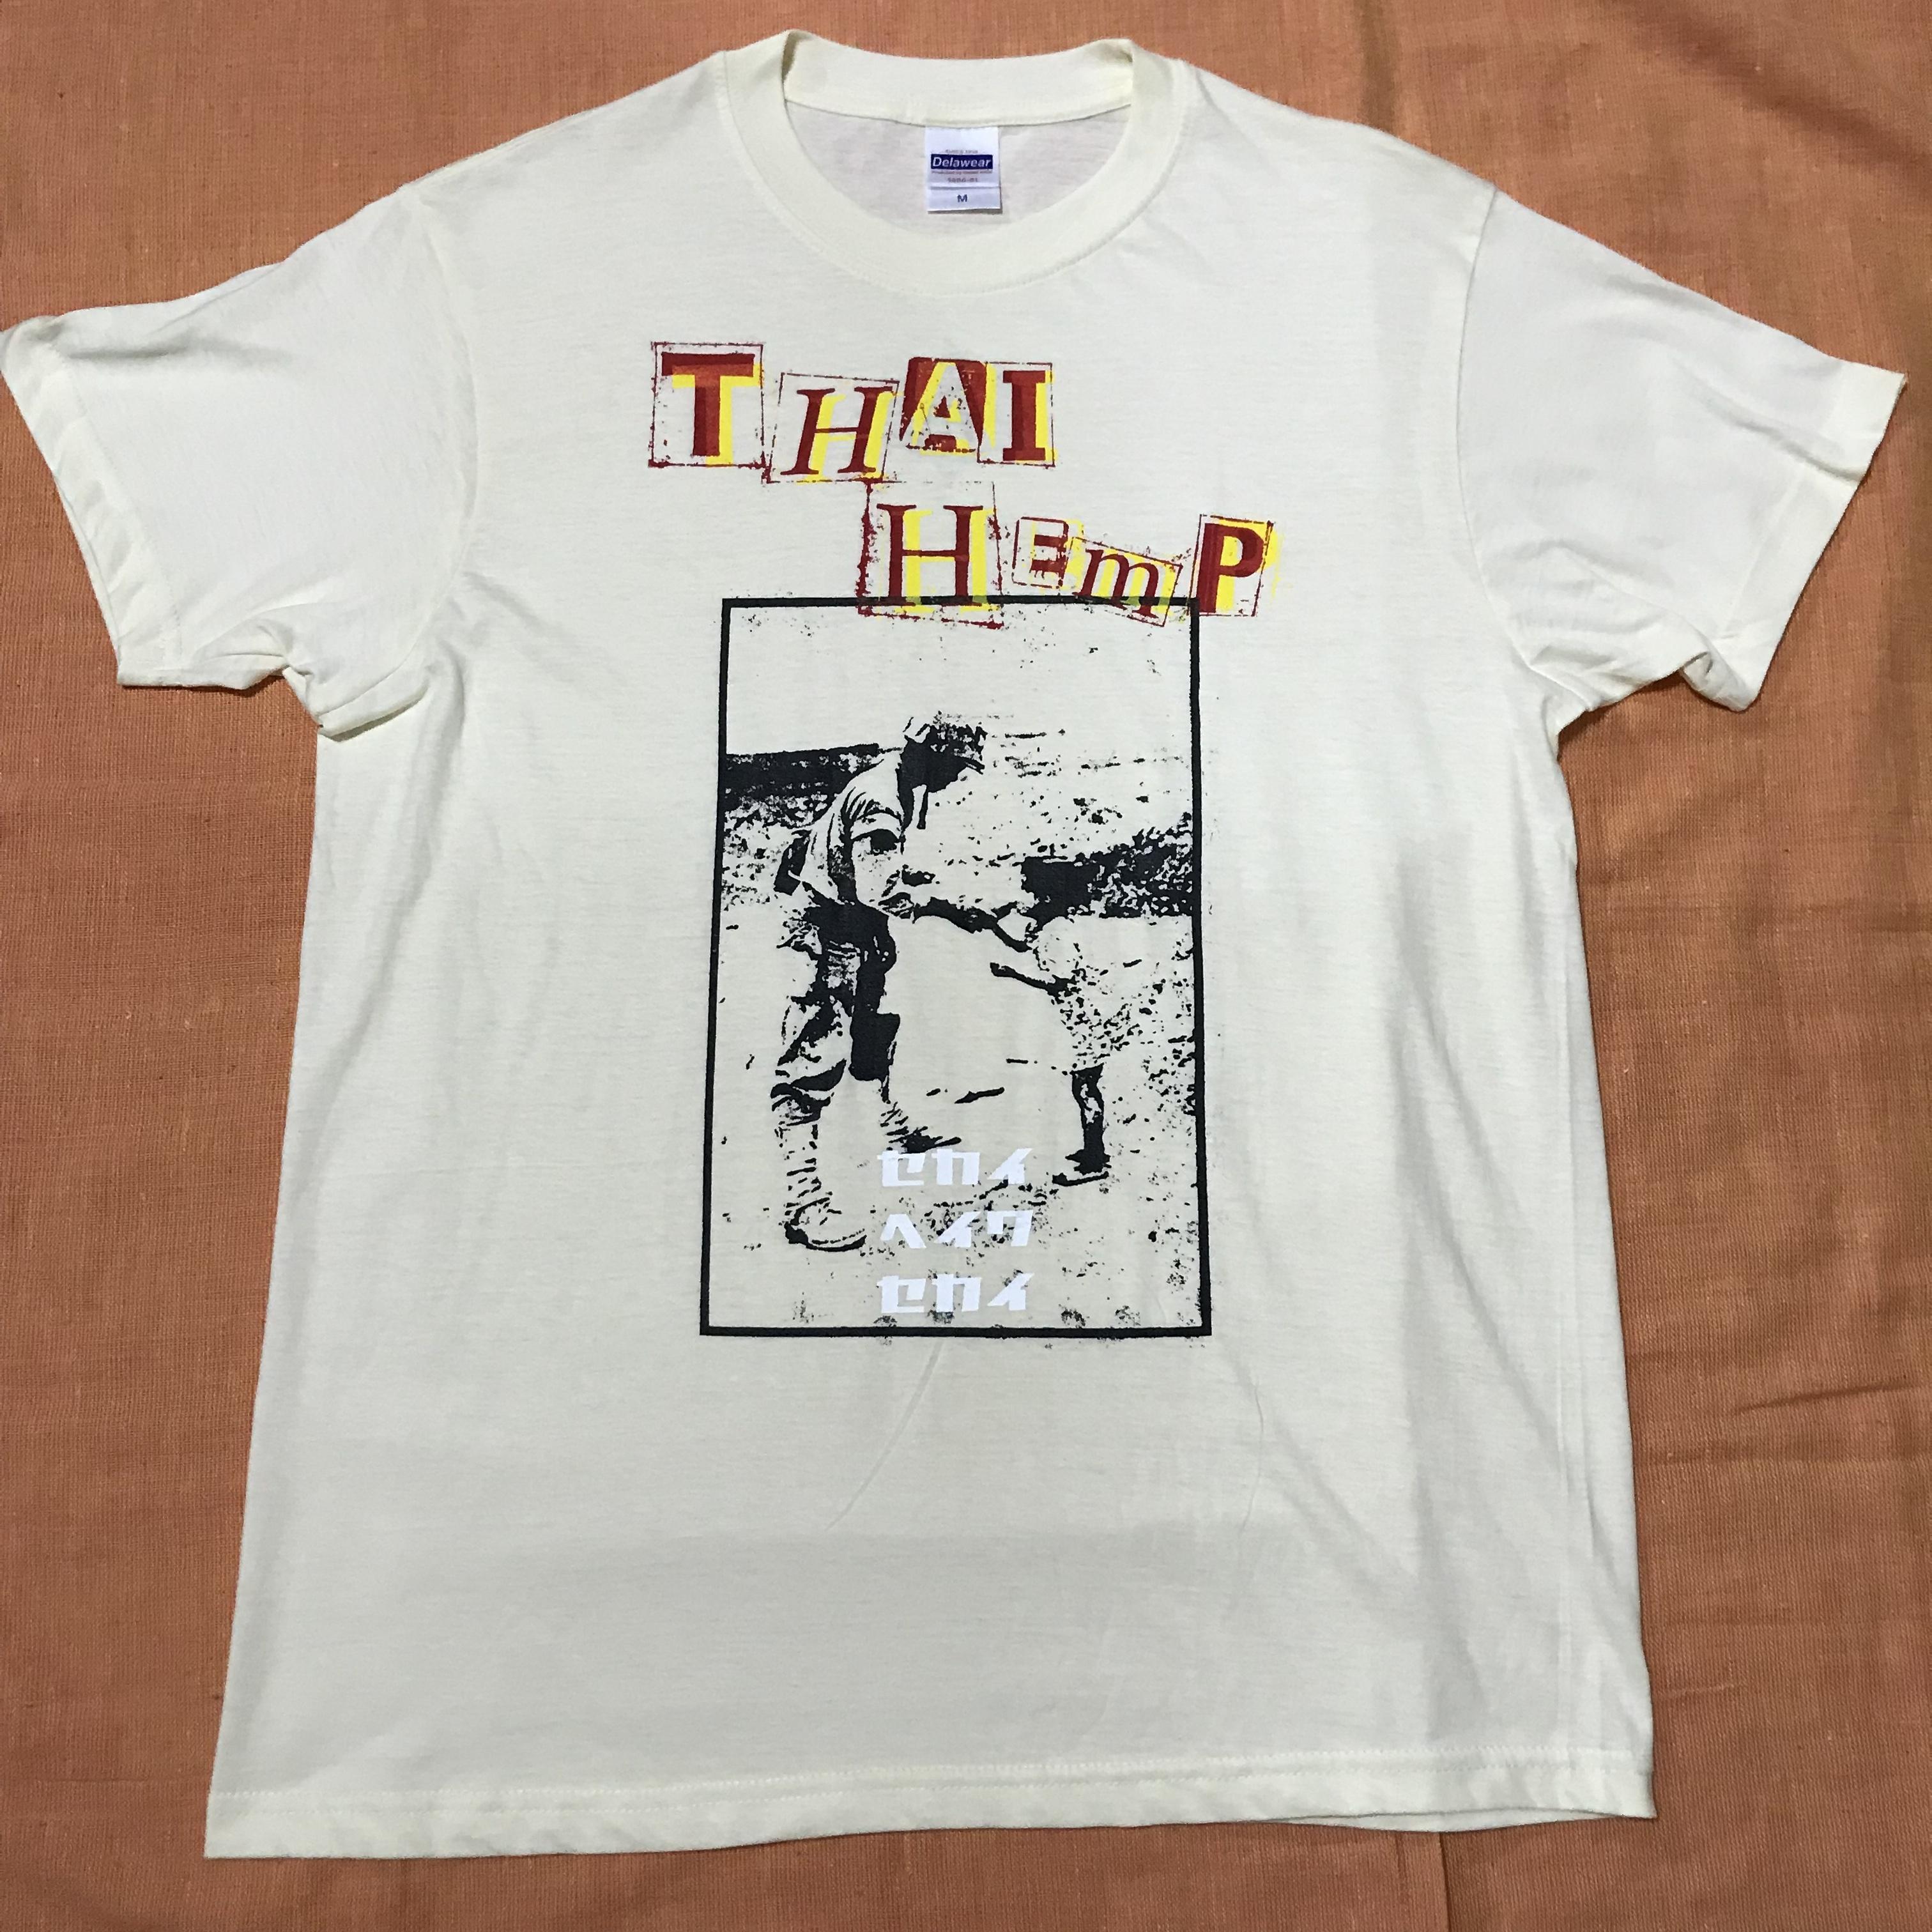 タイヘンプTシャツ